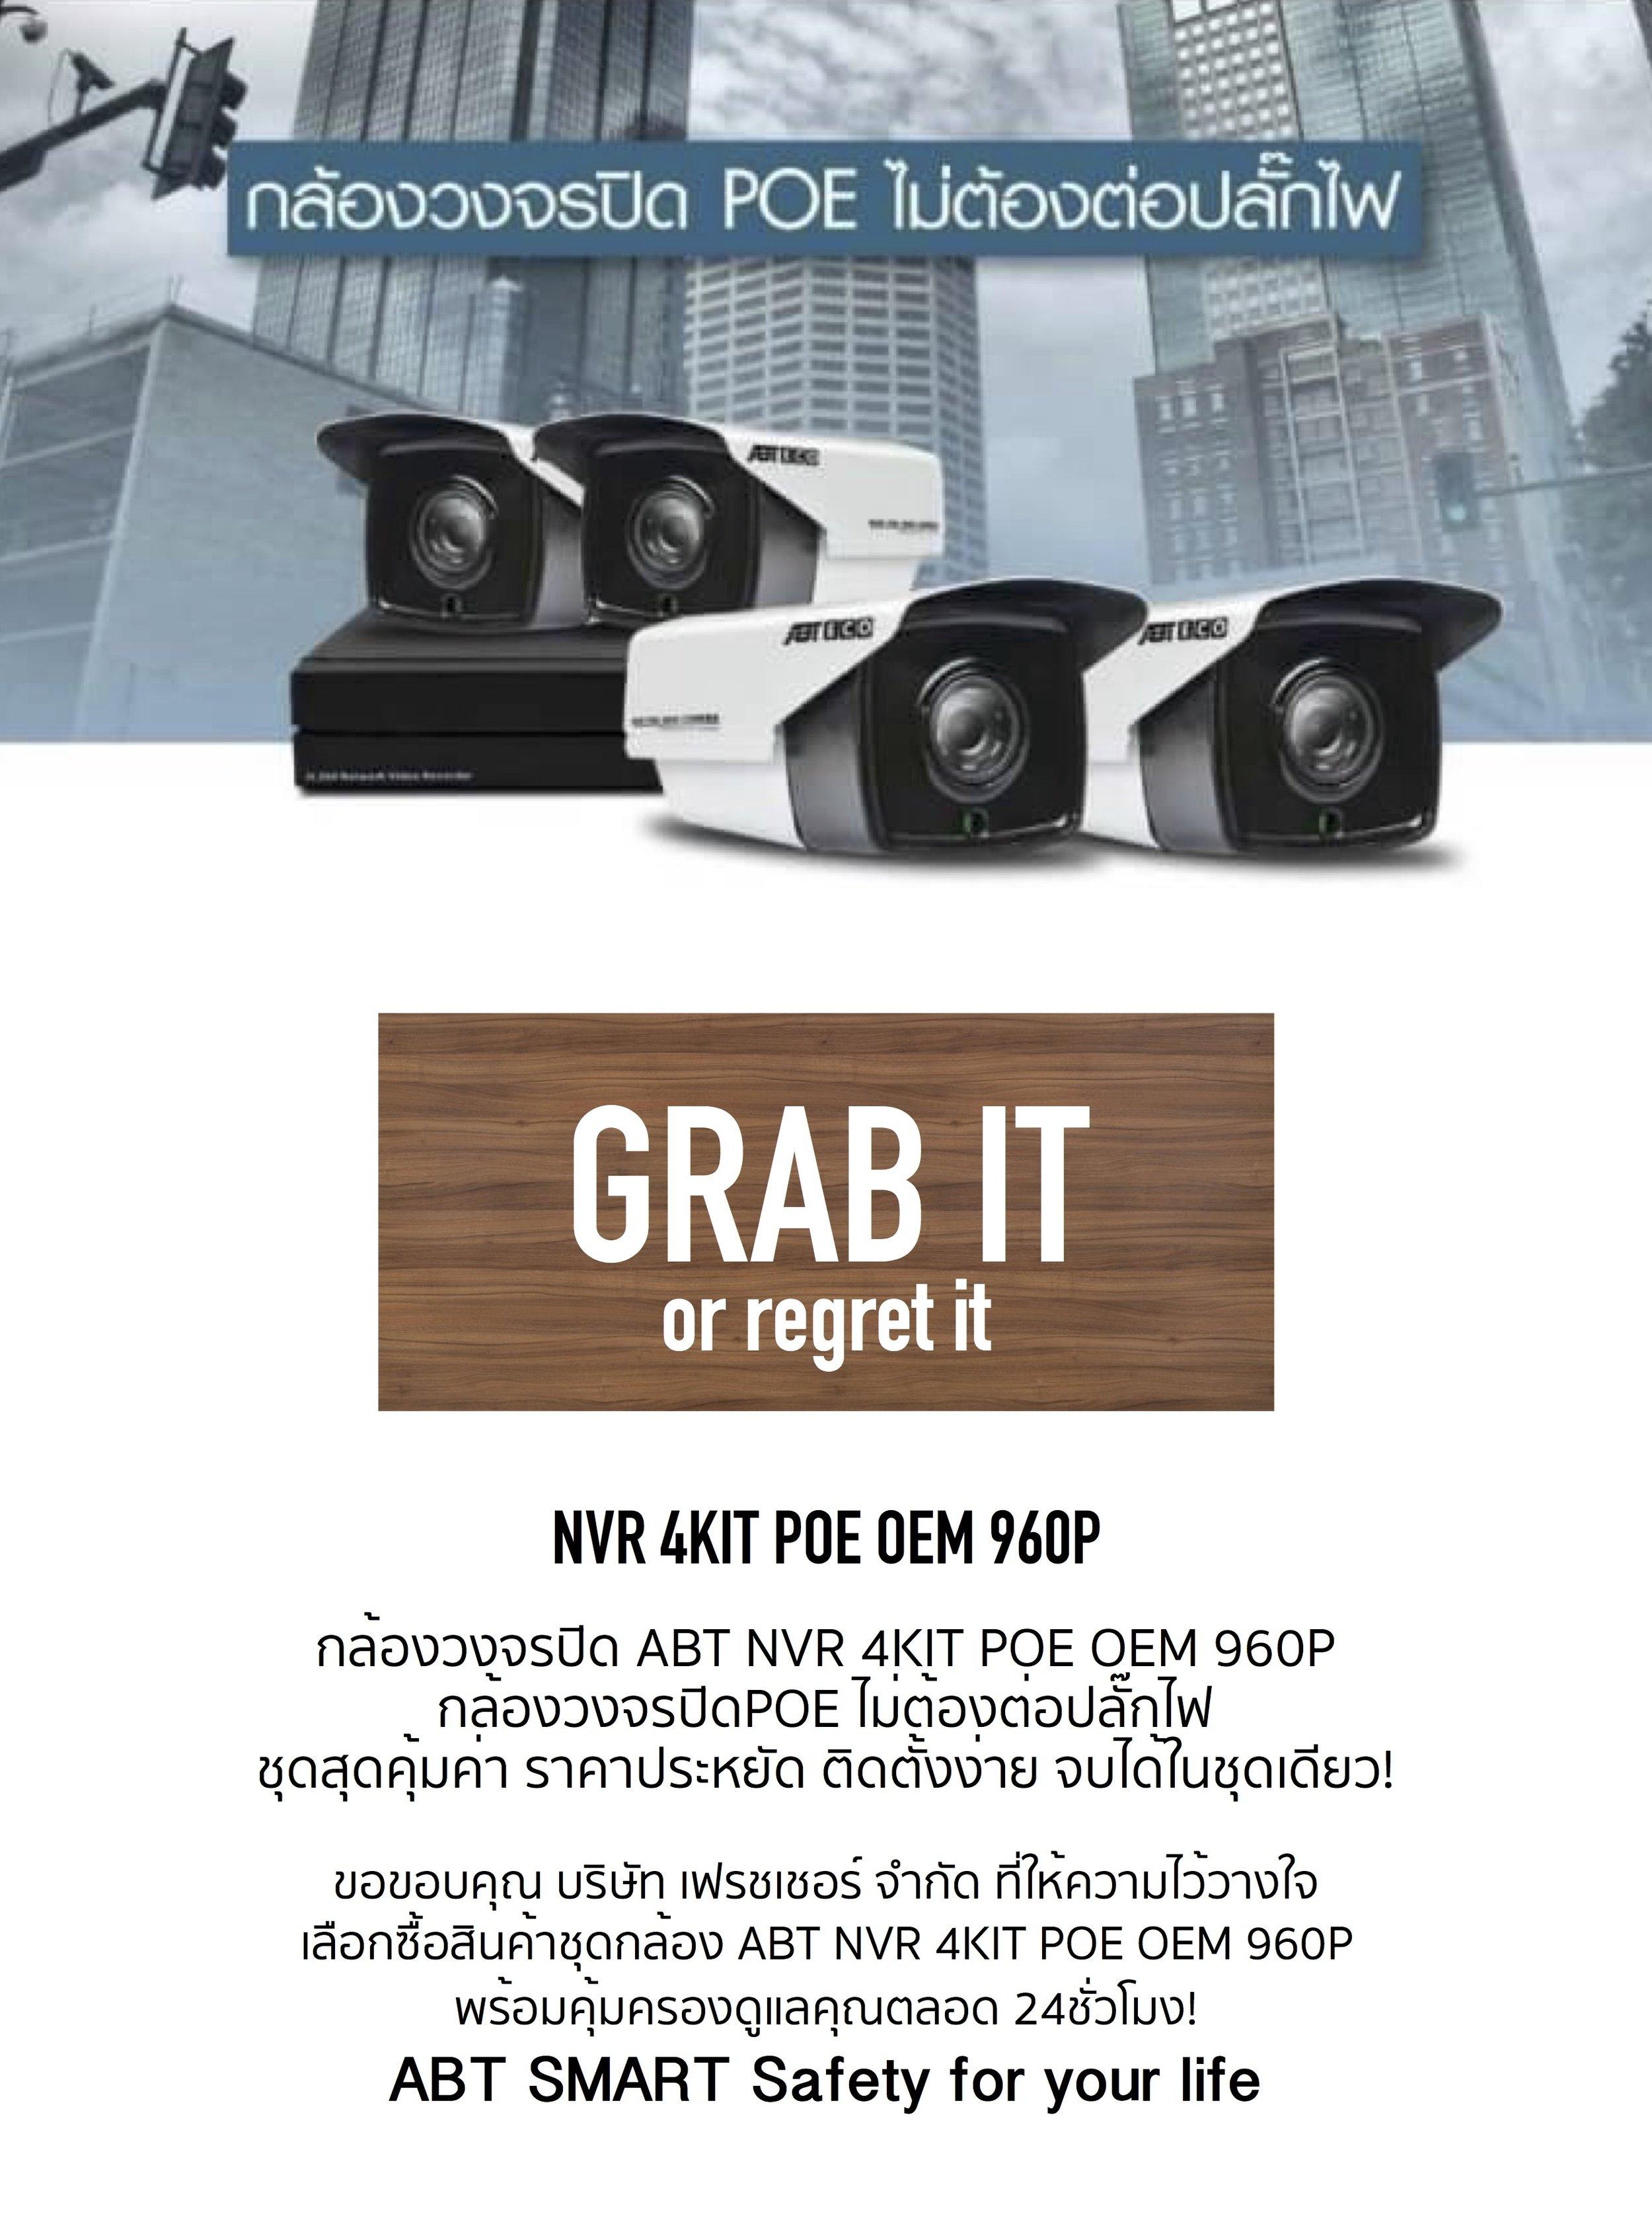 ติดตั้งกล้องวงจรปิด, ติดตั้งกล้องโดยผู้เชี่ยวชาญ, ABG, ABTSMART, CCTV, CAMERA, POE, NVR